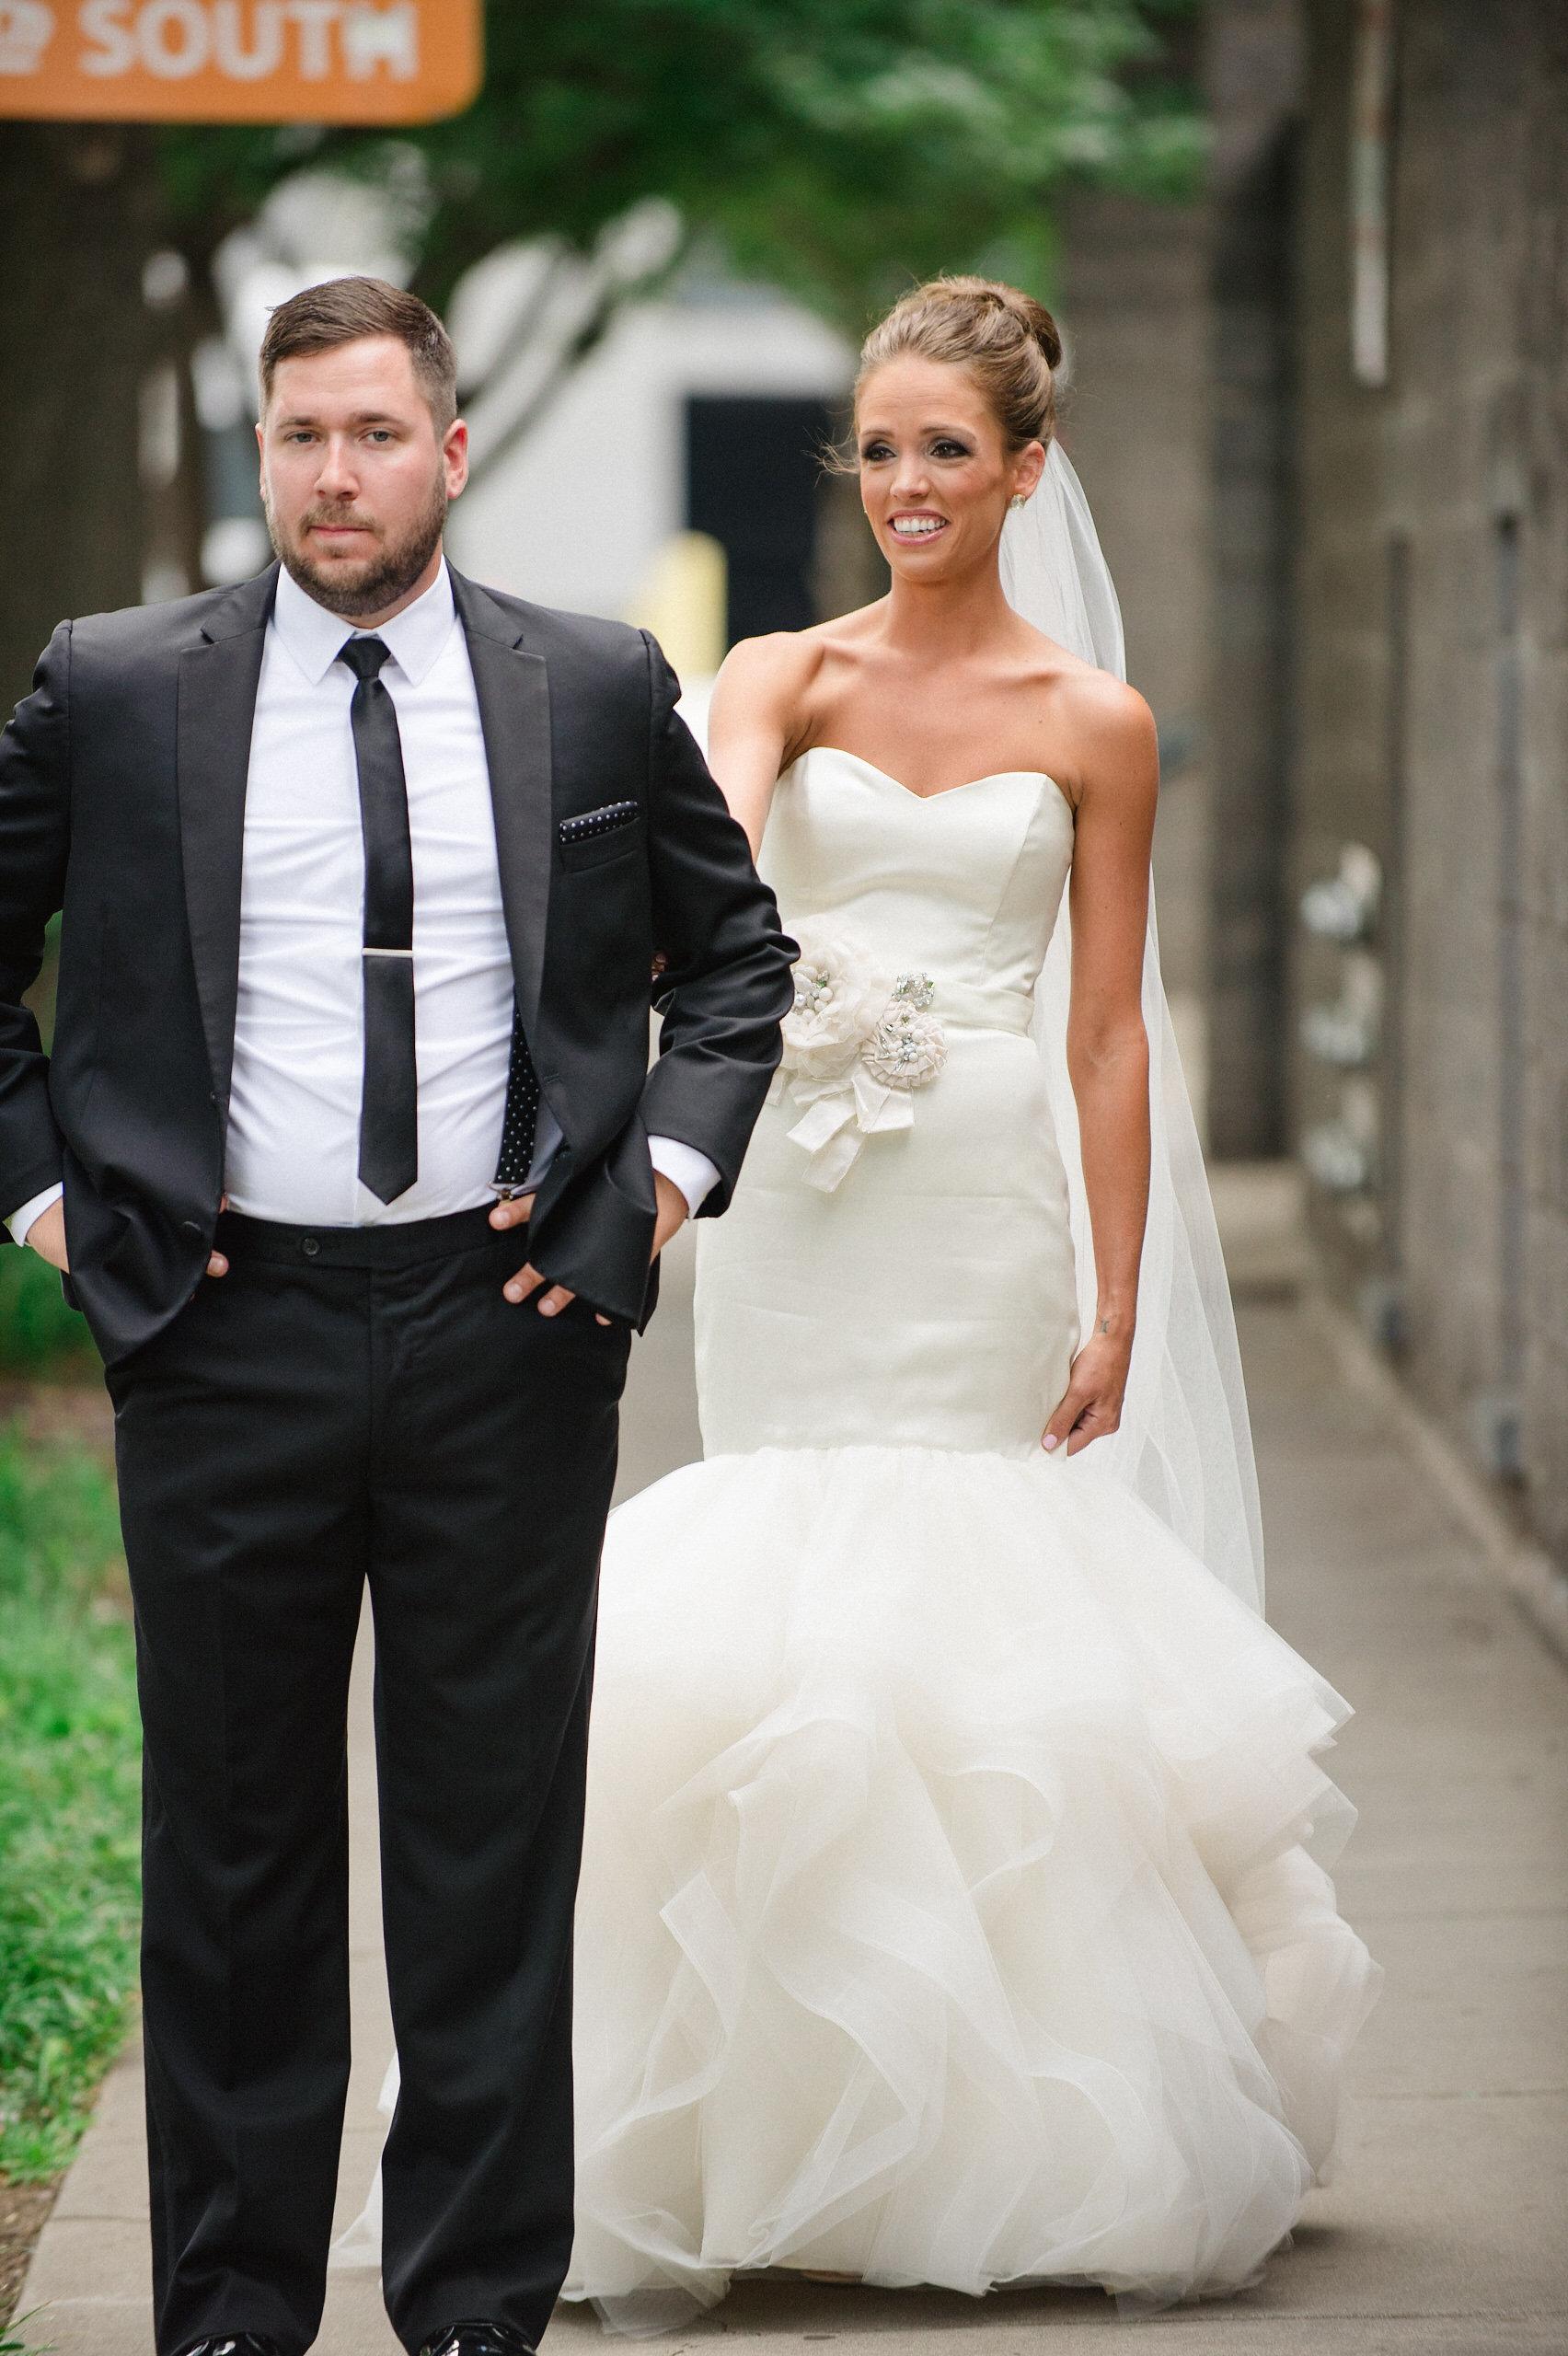 shelby&jordan|smitten&hooked|wedding|firstlook-009.jpg